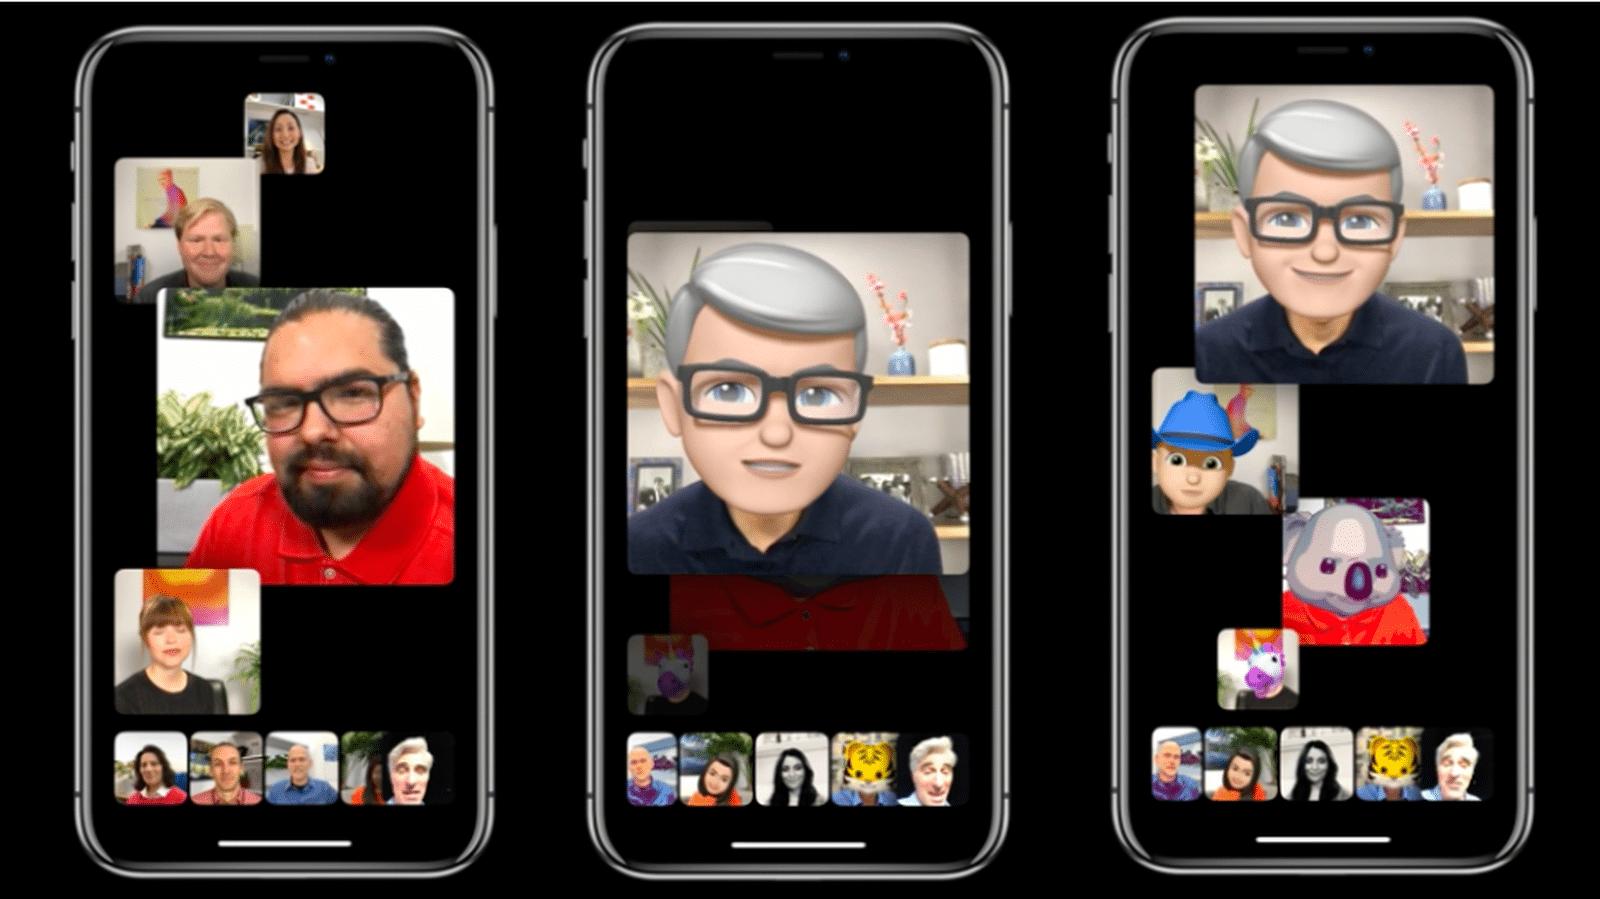 Gruppen-FaceTime nur für bestimmte iPhones und iPads